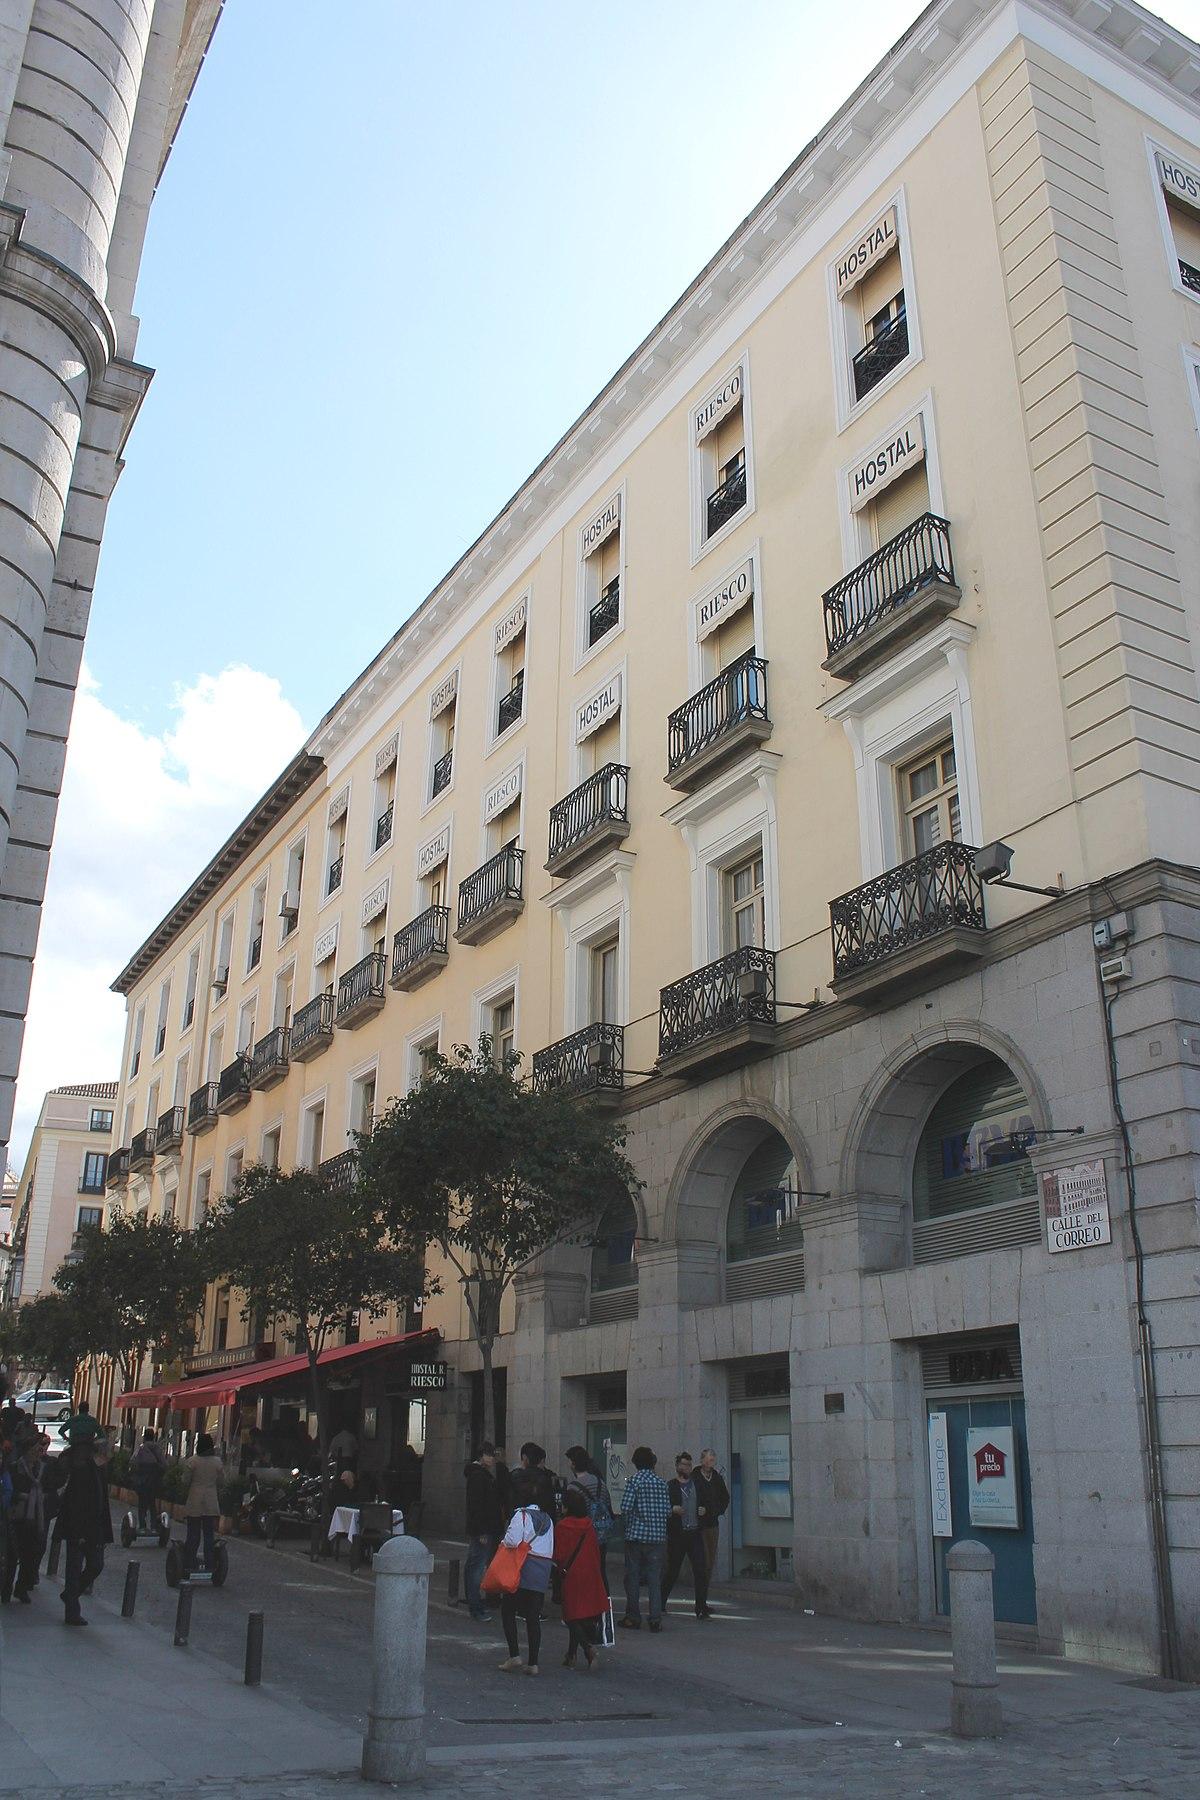 Calle del correo wikipedia la enciclopedia libre for Correo real madrid